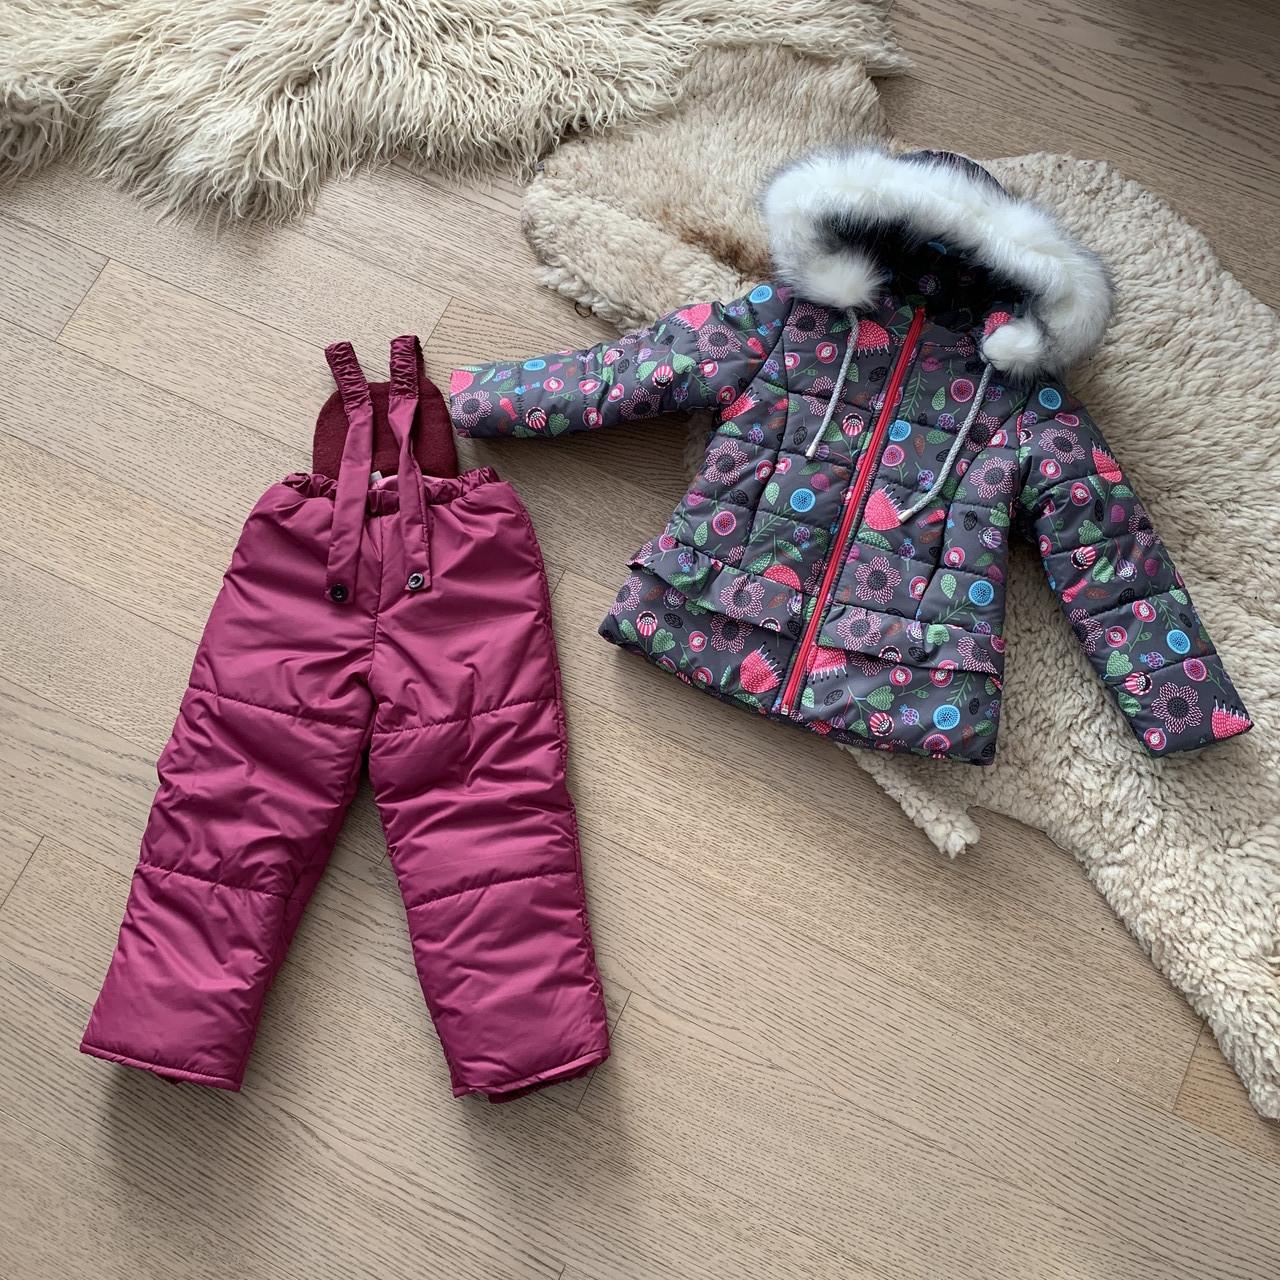 Зимний комбинезон на девочку 3-6 лет, размеры 98-116